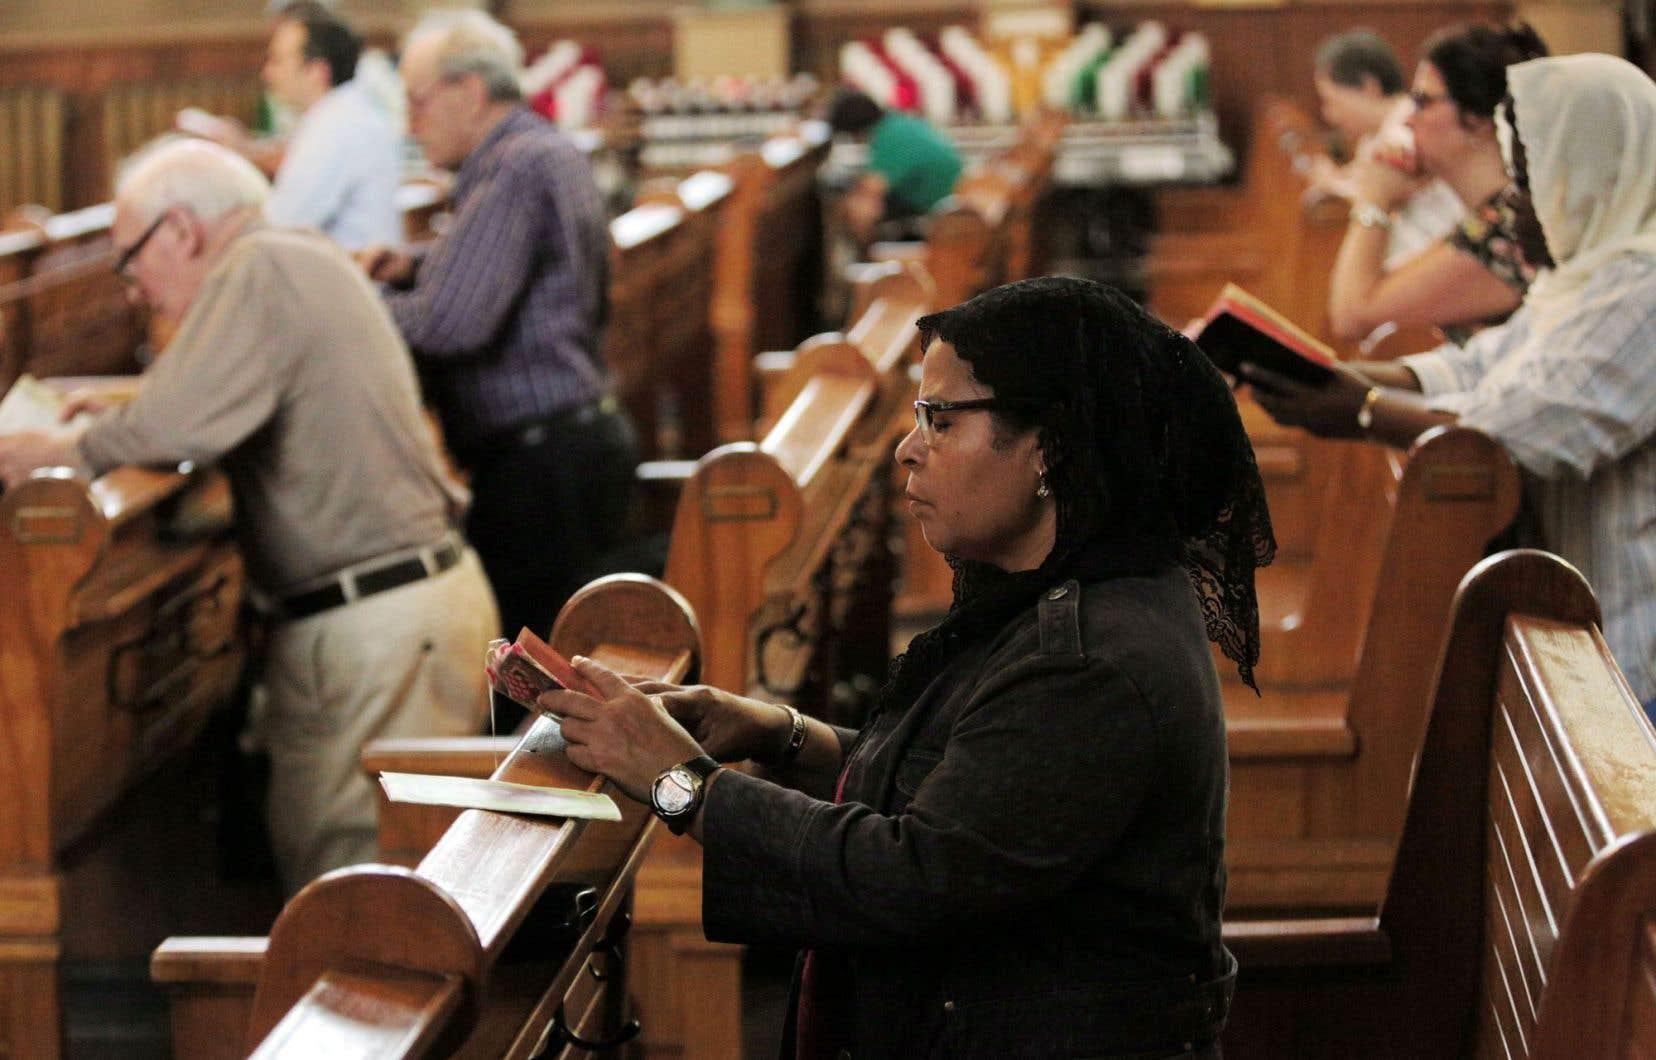 Entre1957 et2000, le taux de fidèles allant à la messe le dimanche est tombé de 88% à 20%. Chez les jeunes, le phénomène est plus accentué encore: parmi les 18 à 34ans, en 2000, il y avait 5% de pratiquants seulement.